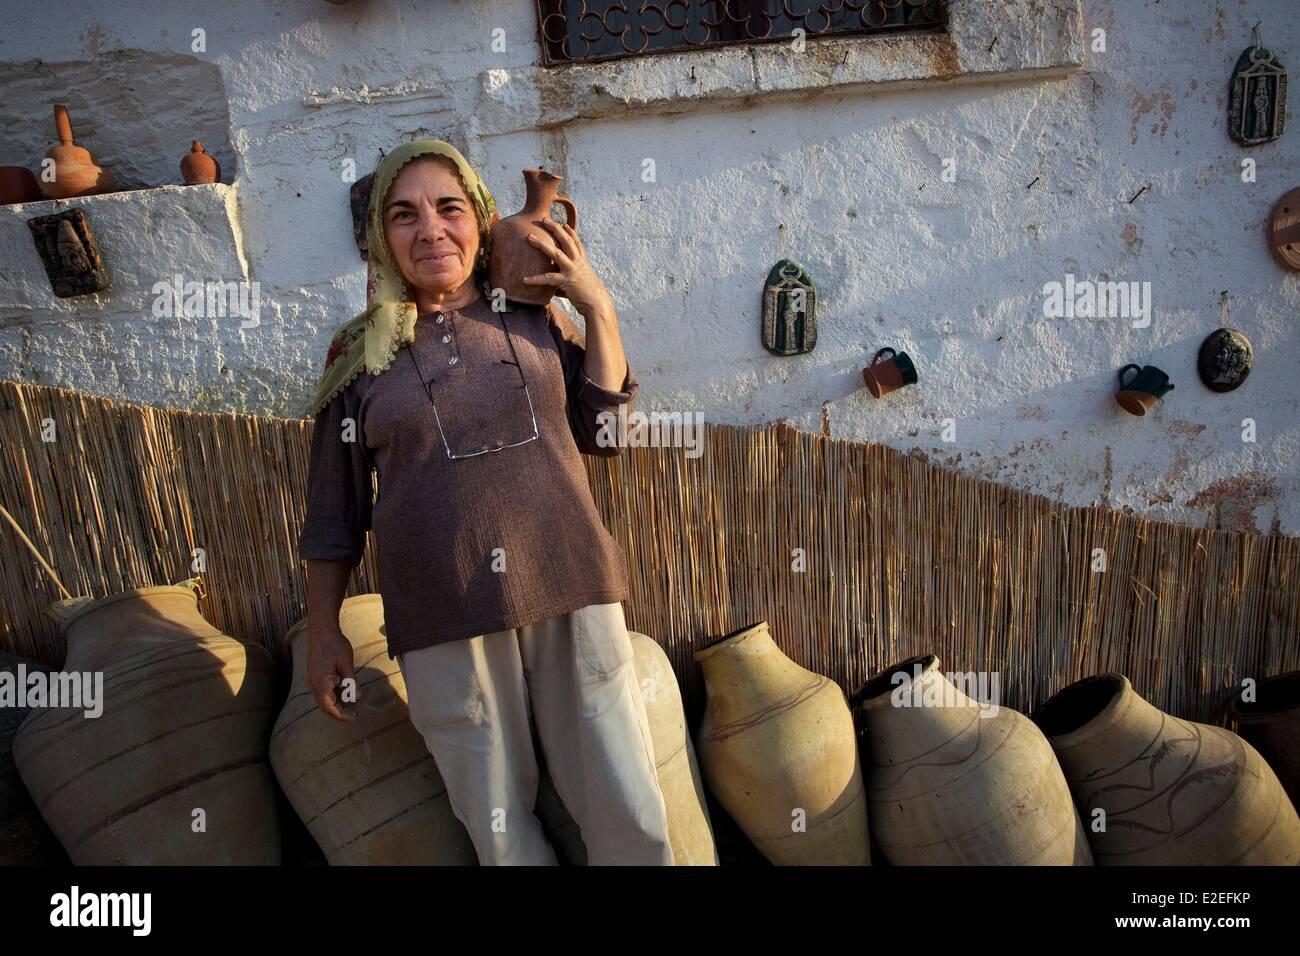 Turkey, Central Anatolia, Capadoccia, Cavusin, Pottery - Stock Image